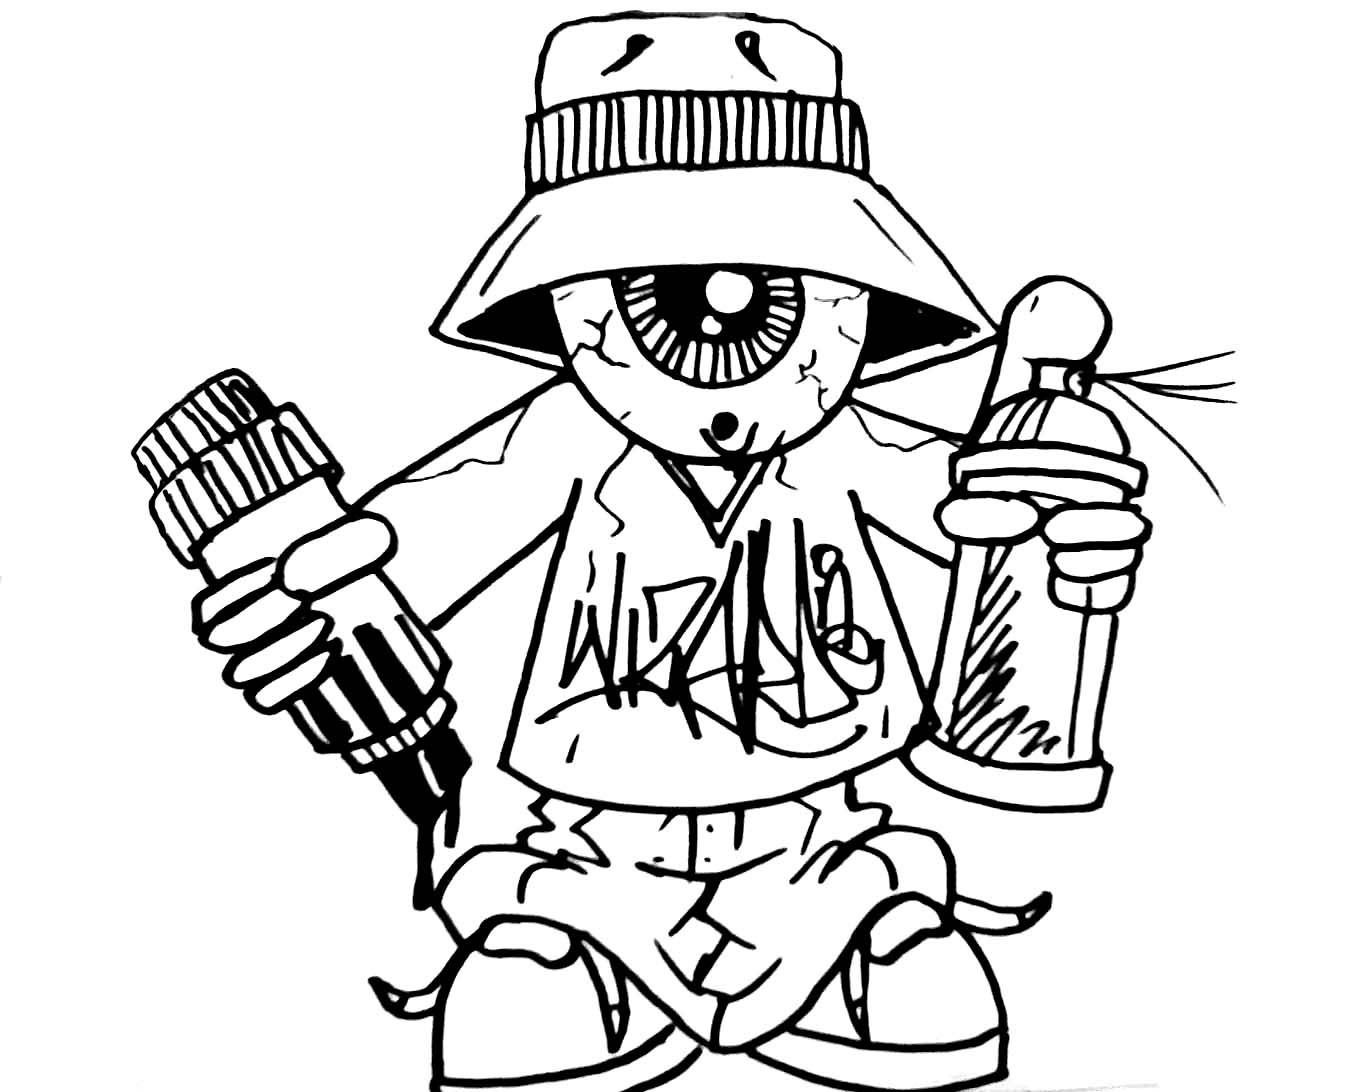 1350x1092 How To Draw Gangster Stewie Draw Gangster Tweety, Stepstep